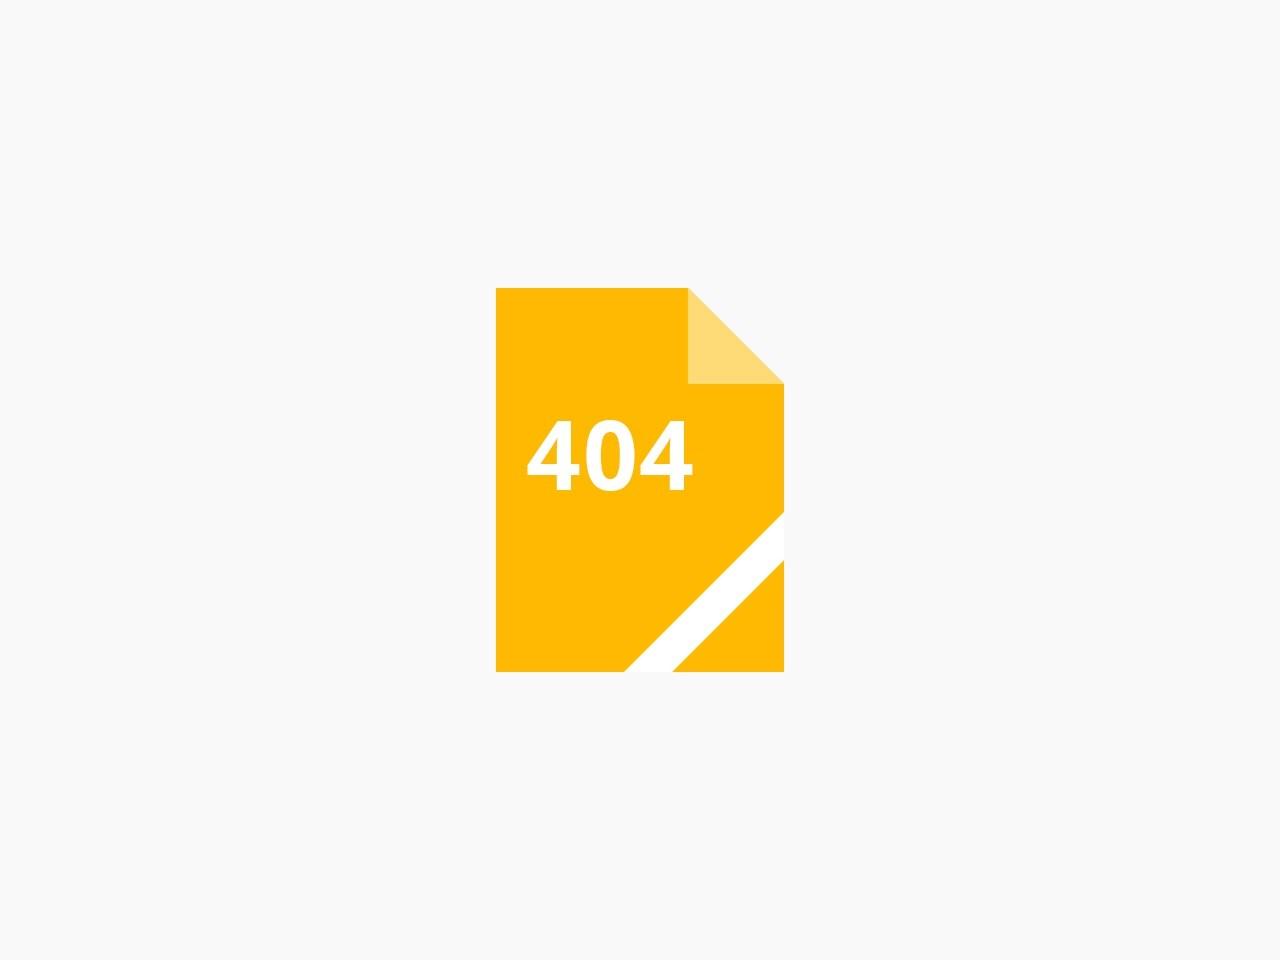 新时代·新使命·新征程奋进粤港澳大湾区——全国中国画、油画作品展征稿通知